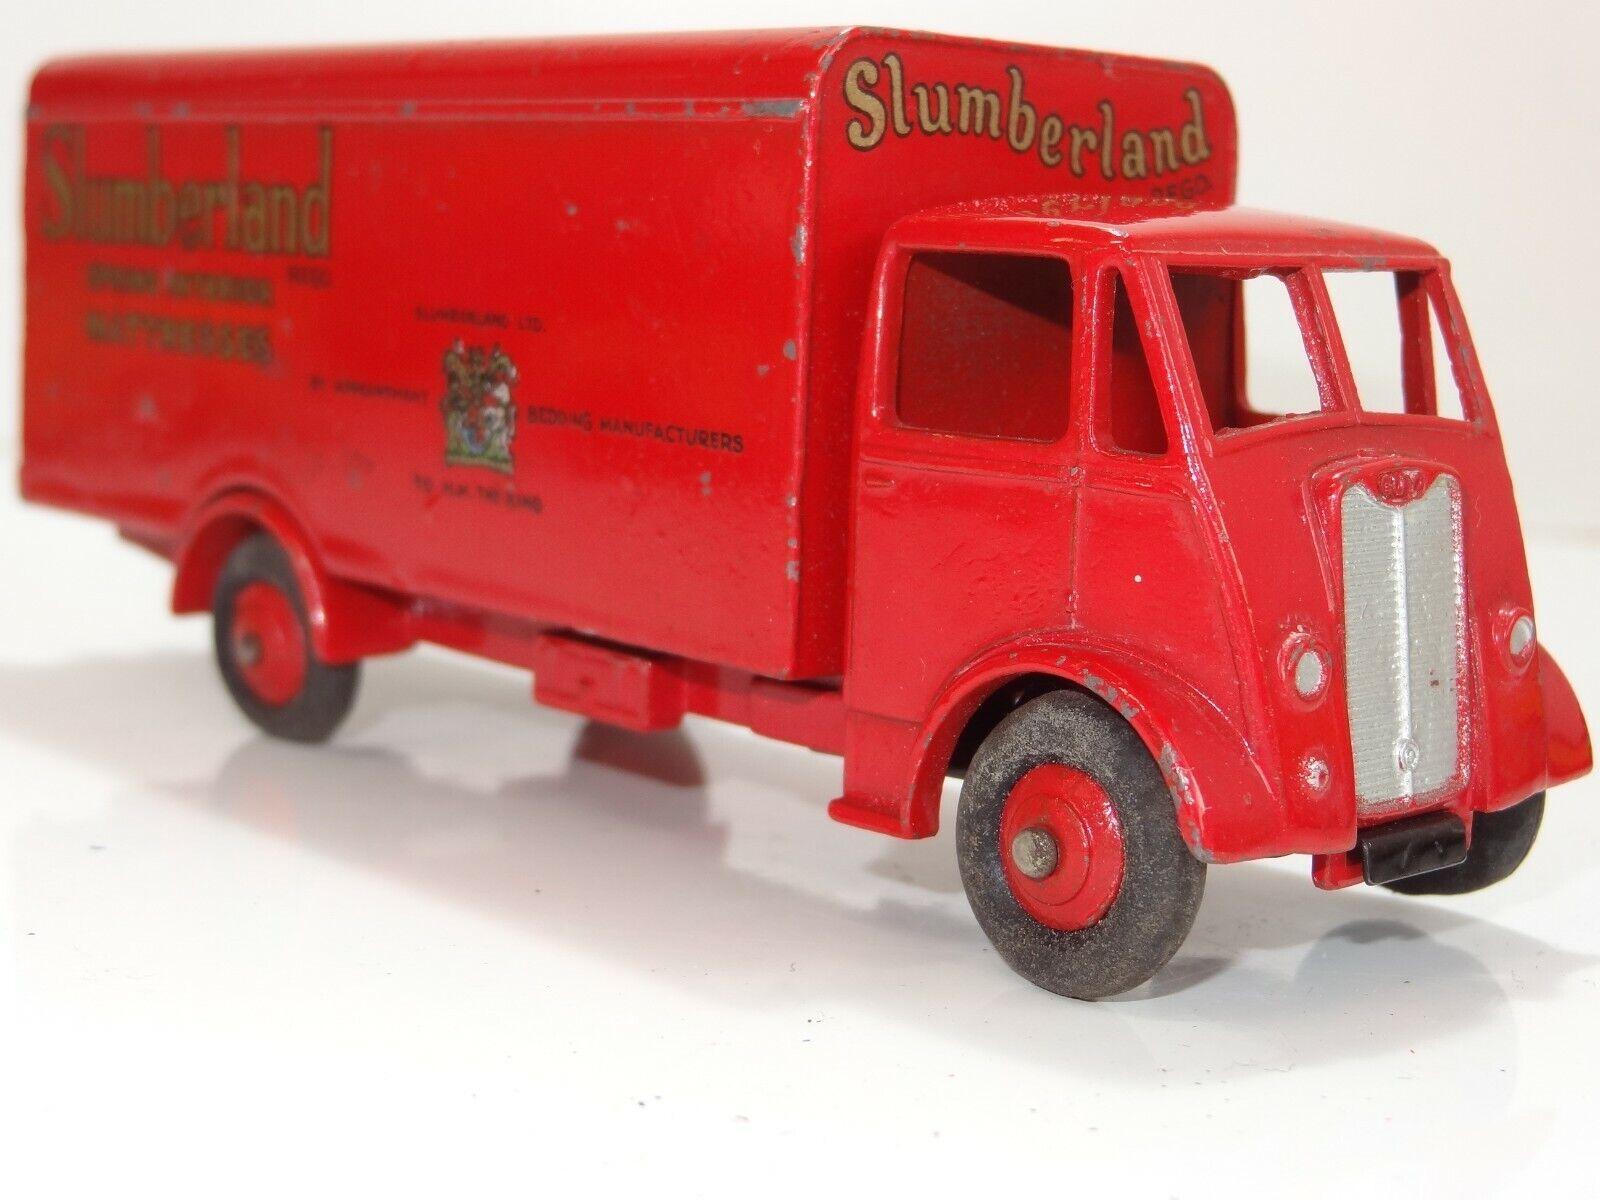 Dinky 514   914 GUY SLUMBERLAND (264)